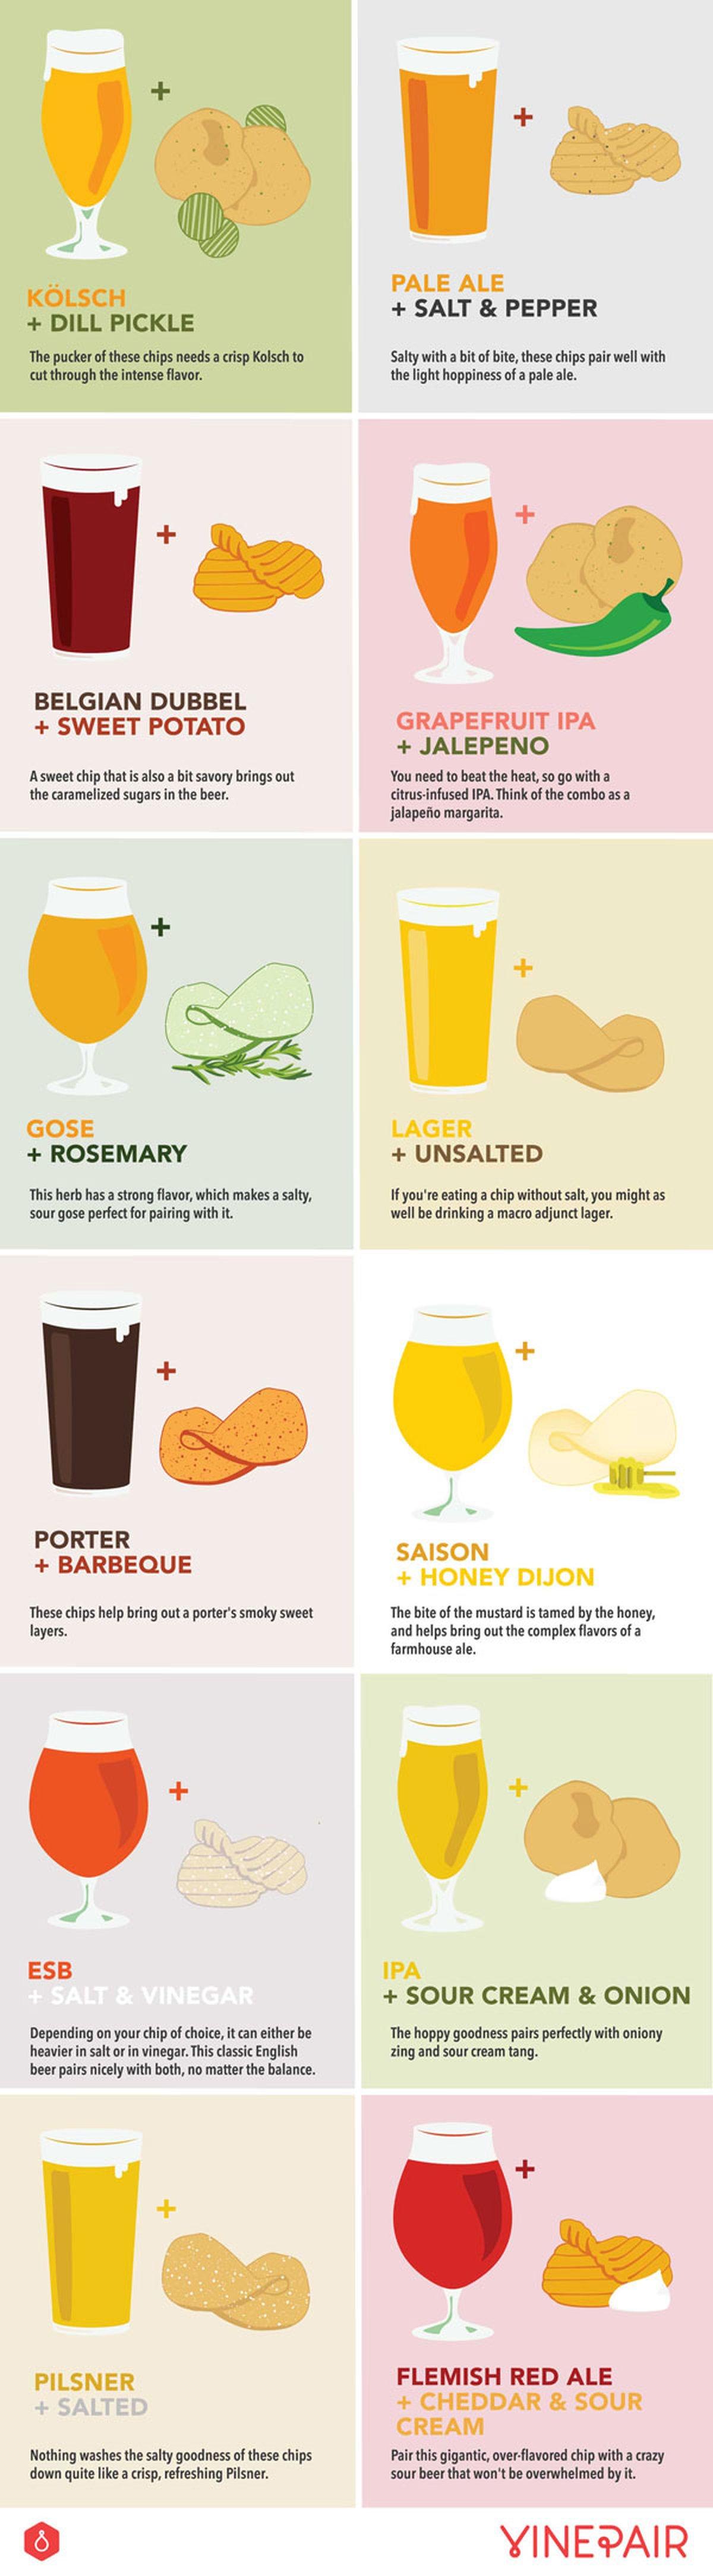 beer-pairings.jpeg